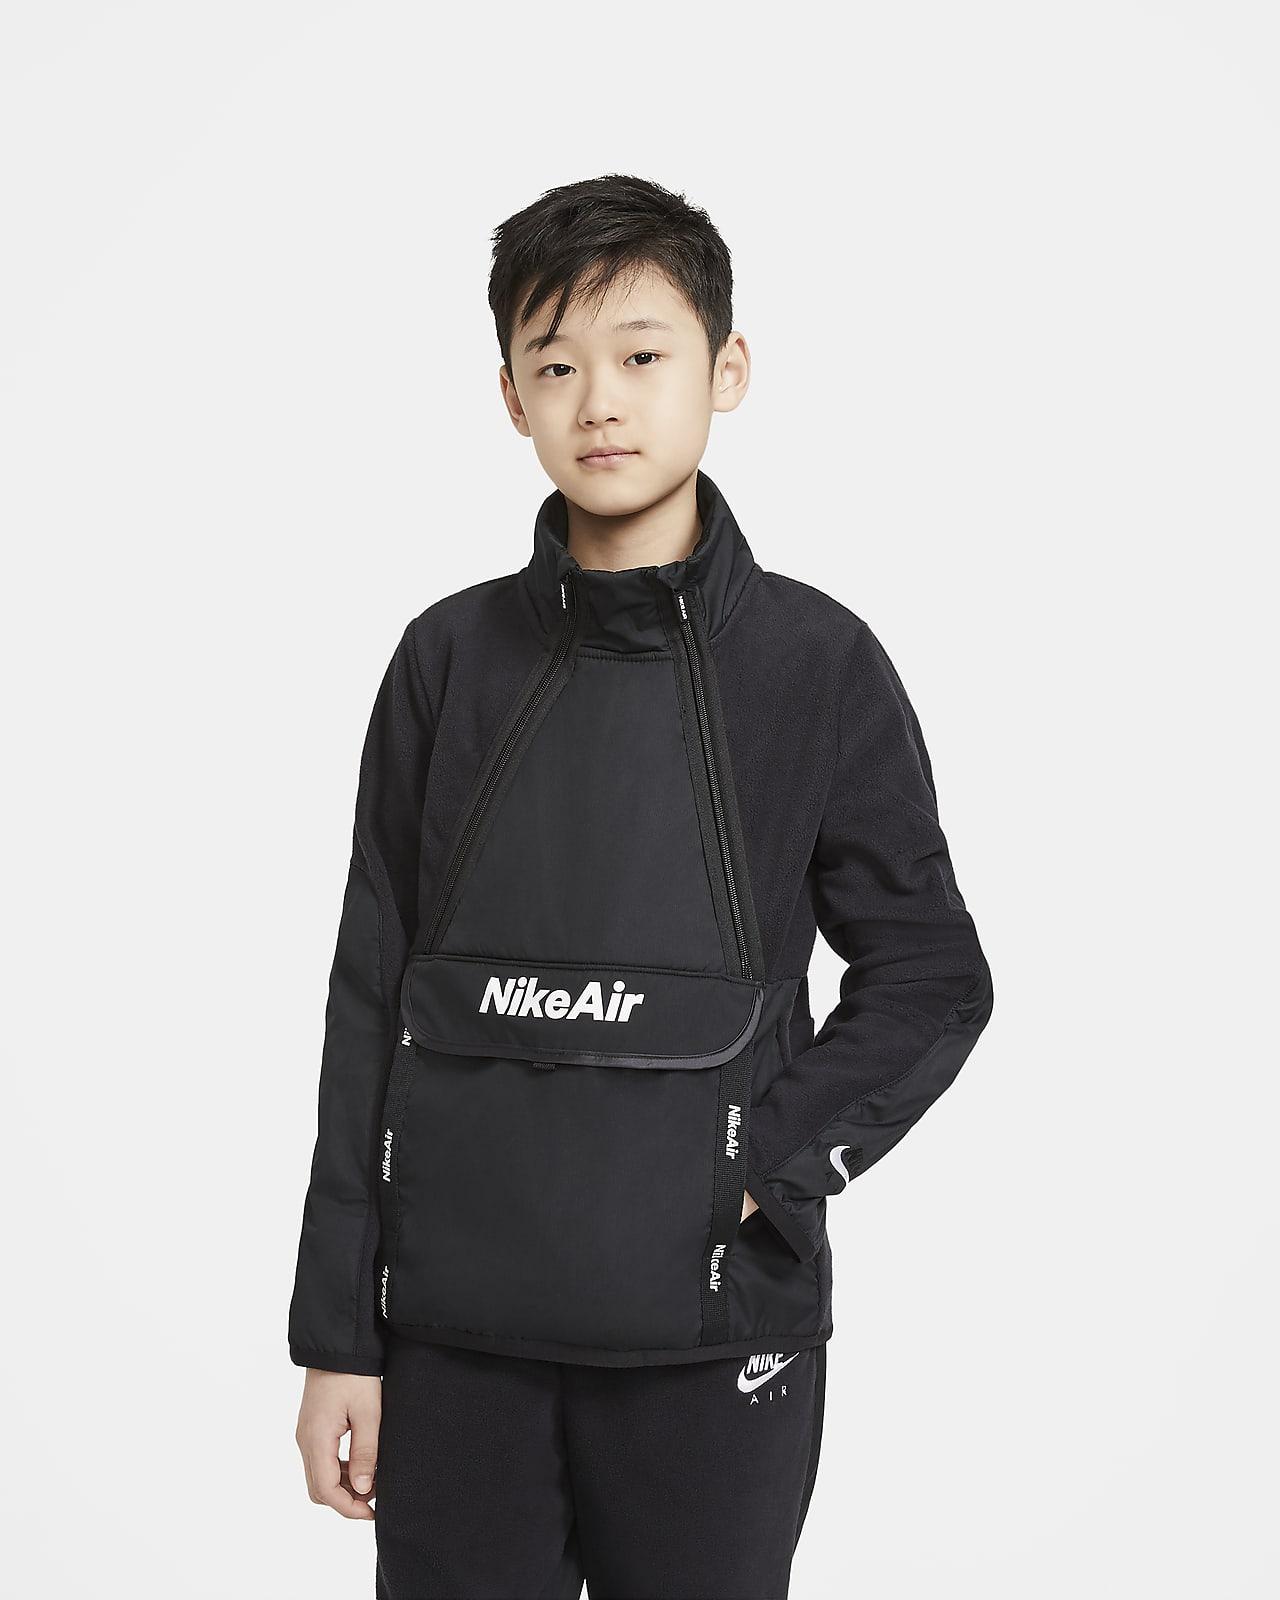 Vinterklar Nike Air-overdel til store børn (drenge)